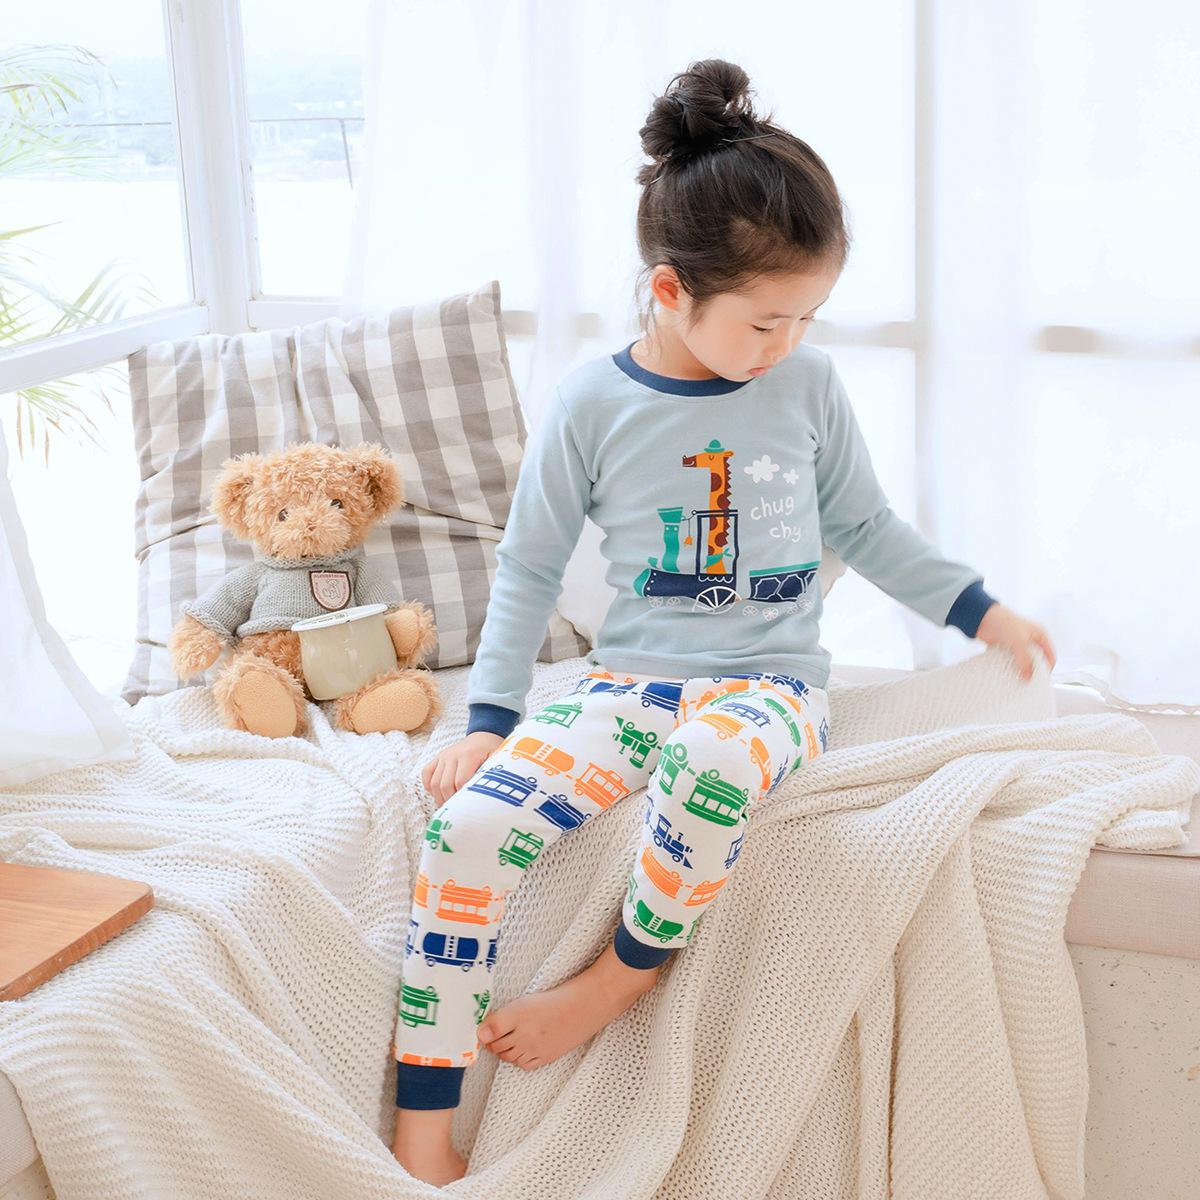 MOMBEBE Đồ ngủ trẻ em Túi đựng đồ giúp tóc kiểu nổ 2019 Bộ đồ ngủ trẻ em mùa thu đông 2018 Dịch vụ t